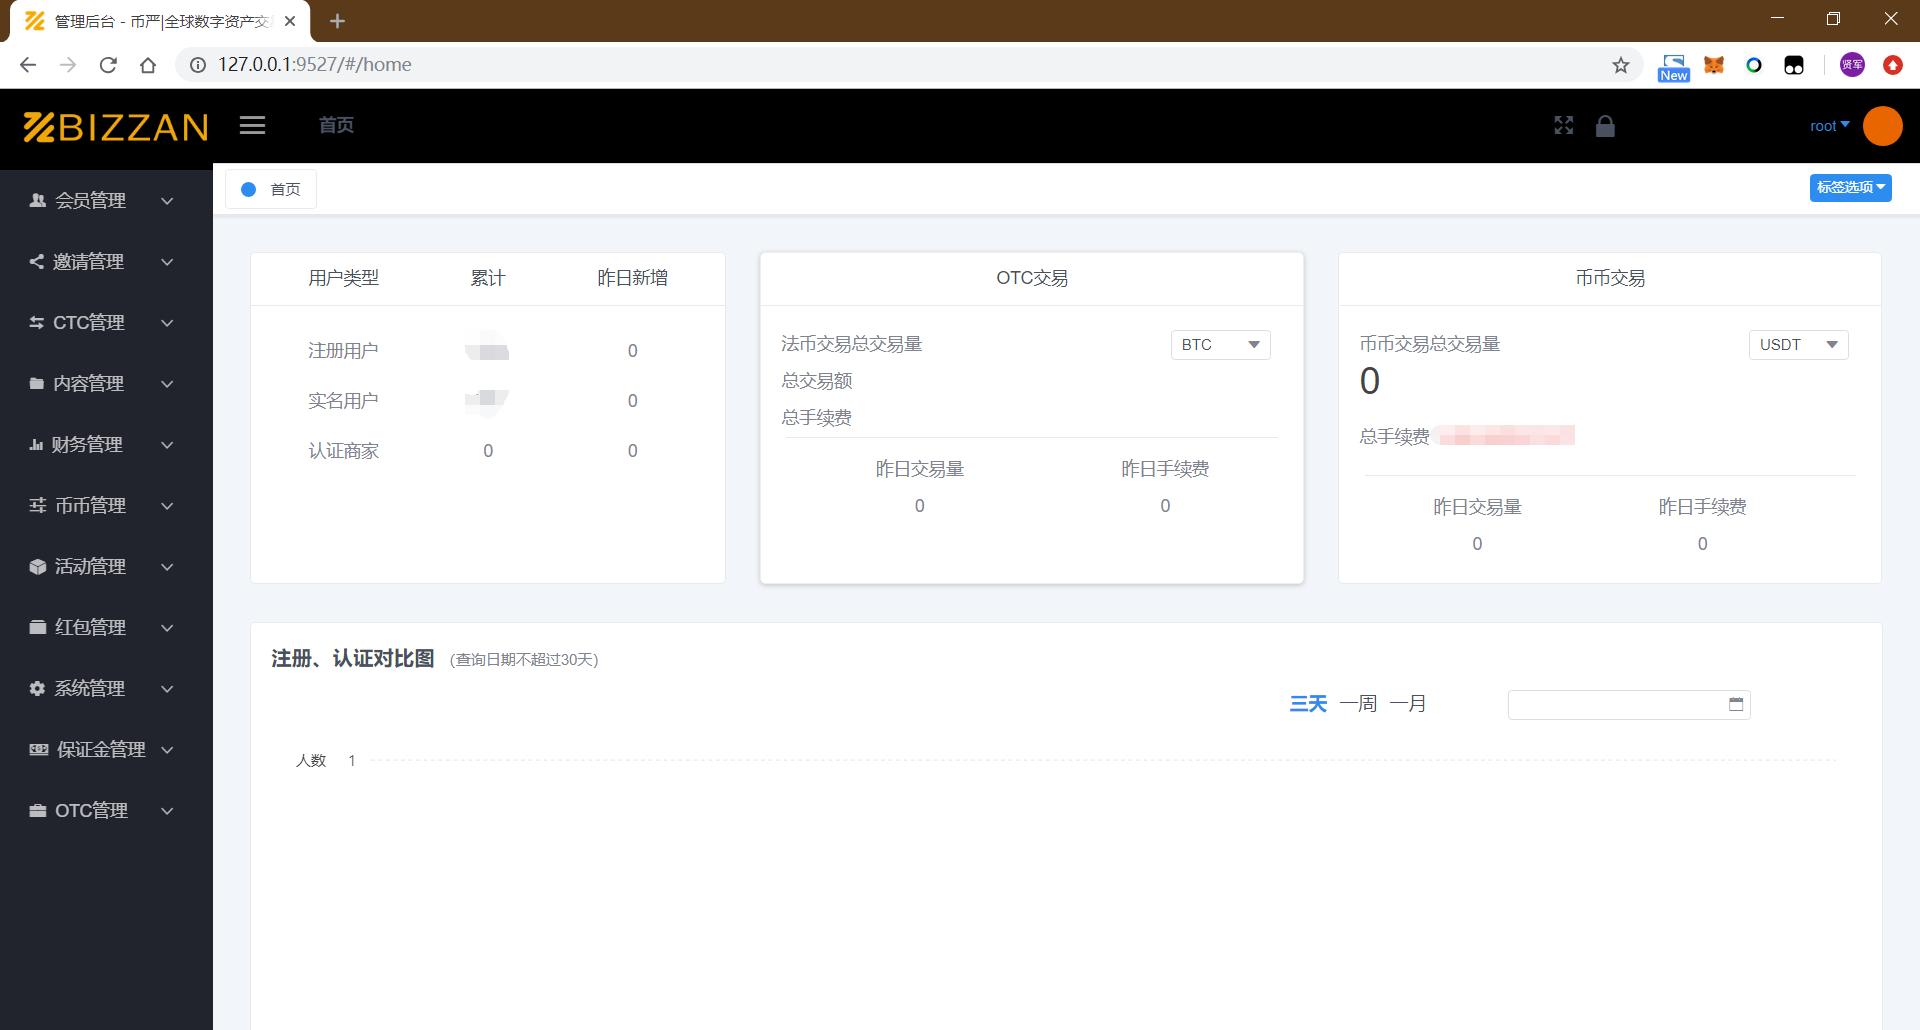 国际运营版Java区块链交易所全套源码下载币币+法币+永续+期权+机器人